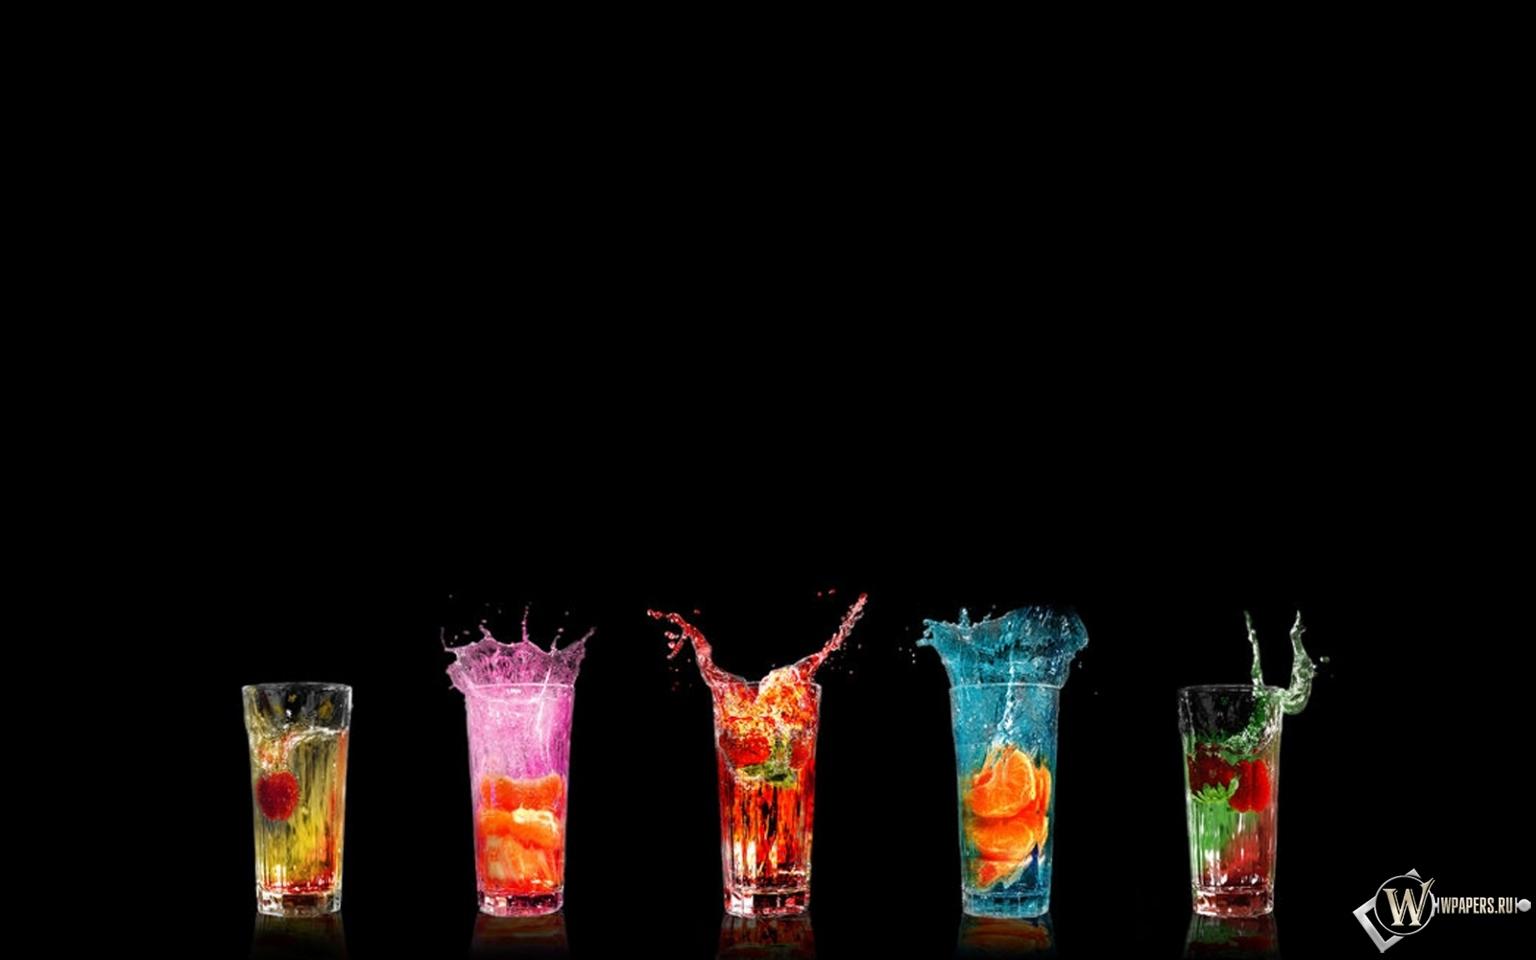 Разноцветные коктейли 1536x960